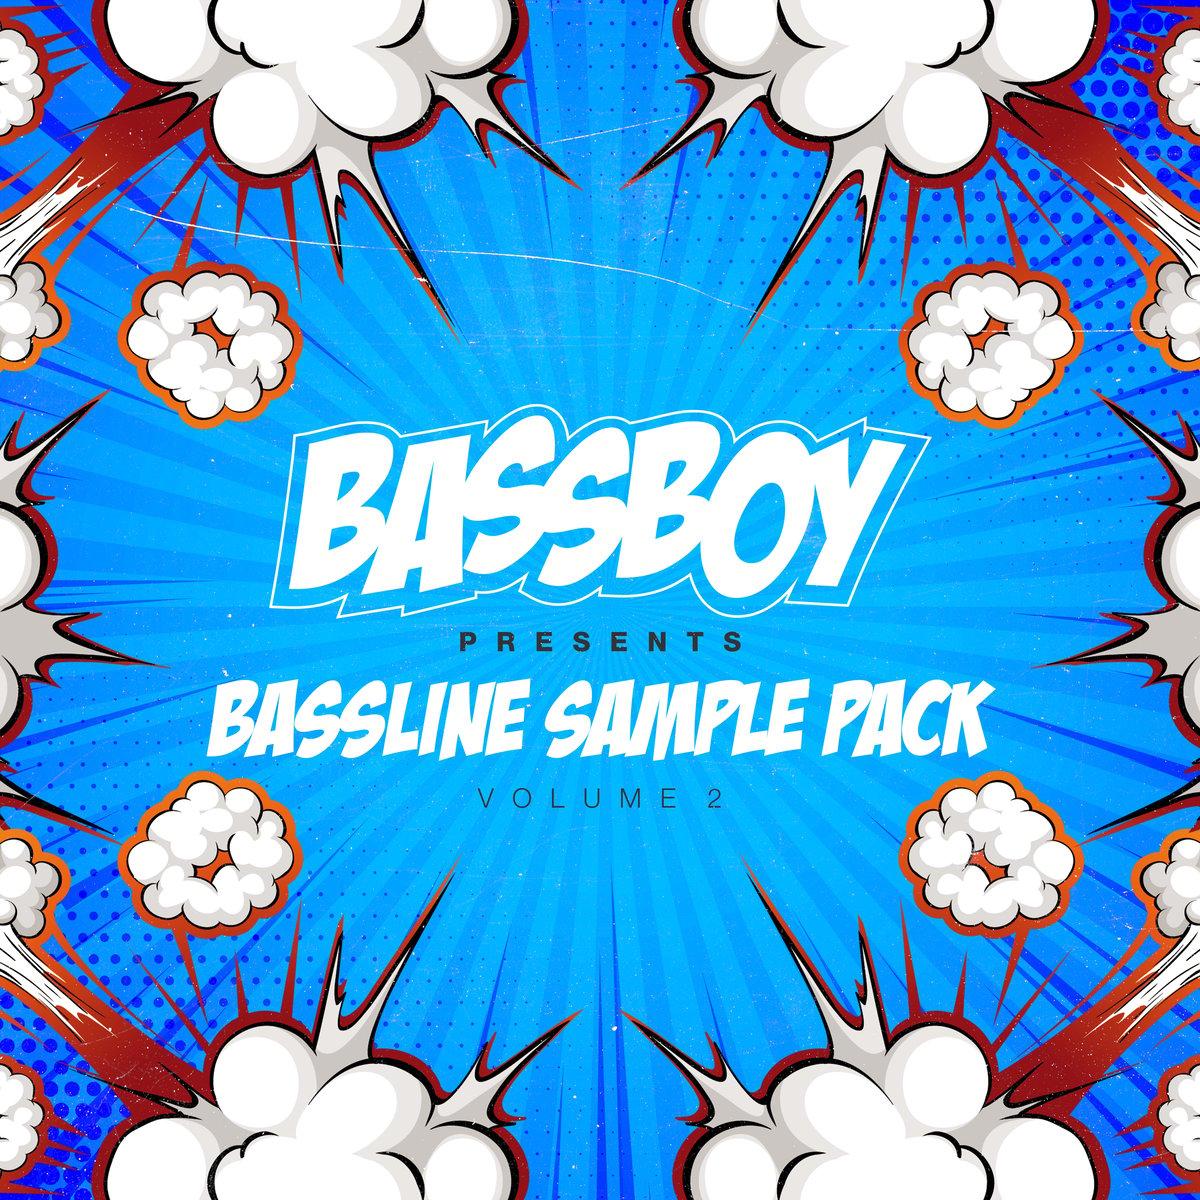 Image of Bassline Sample Pack Vol.2